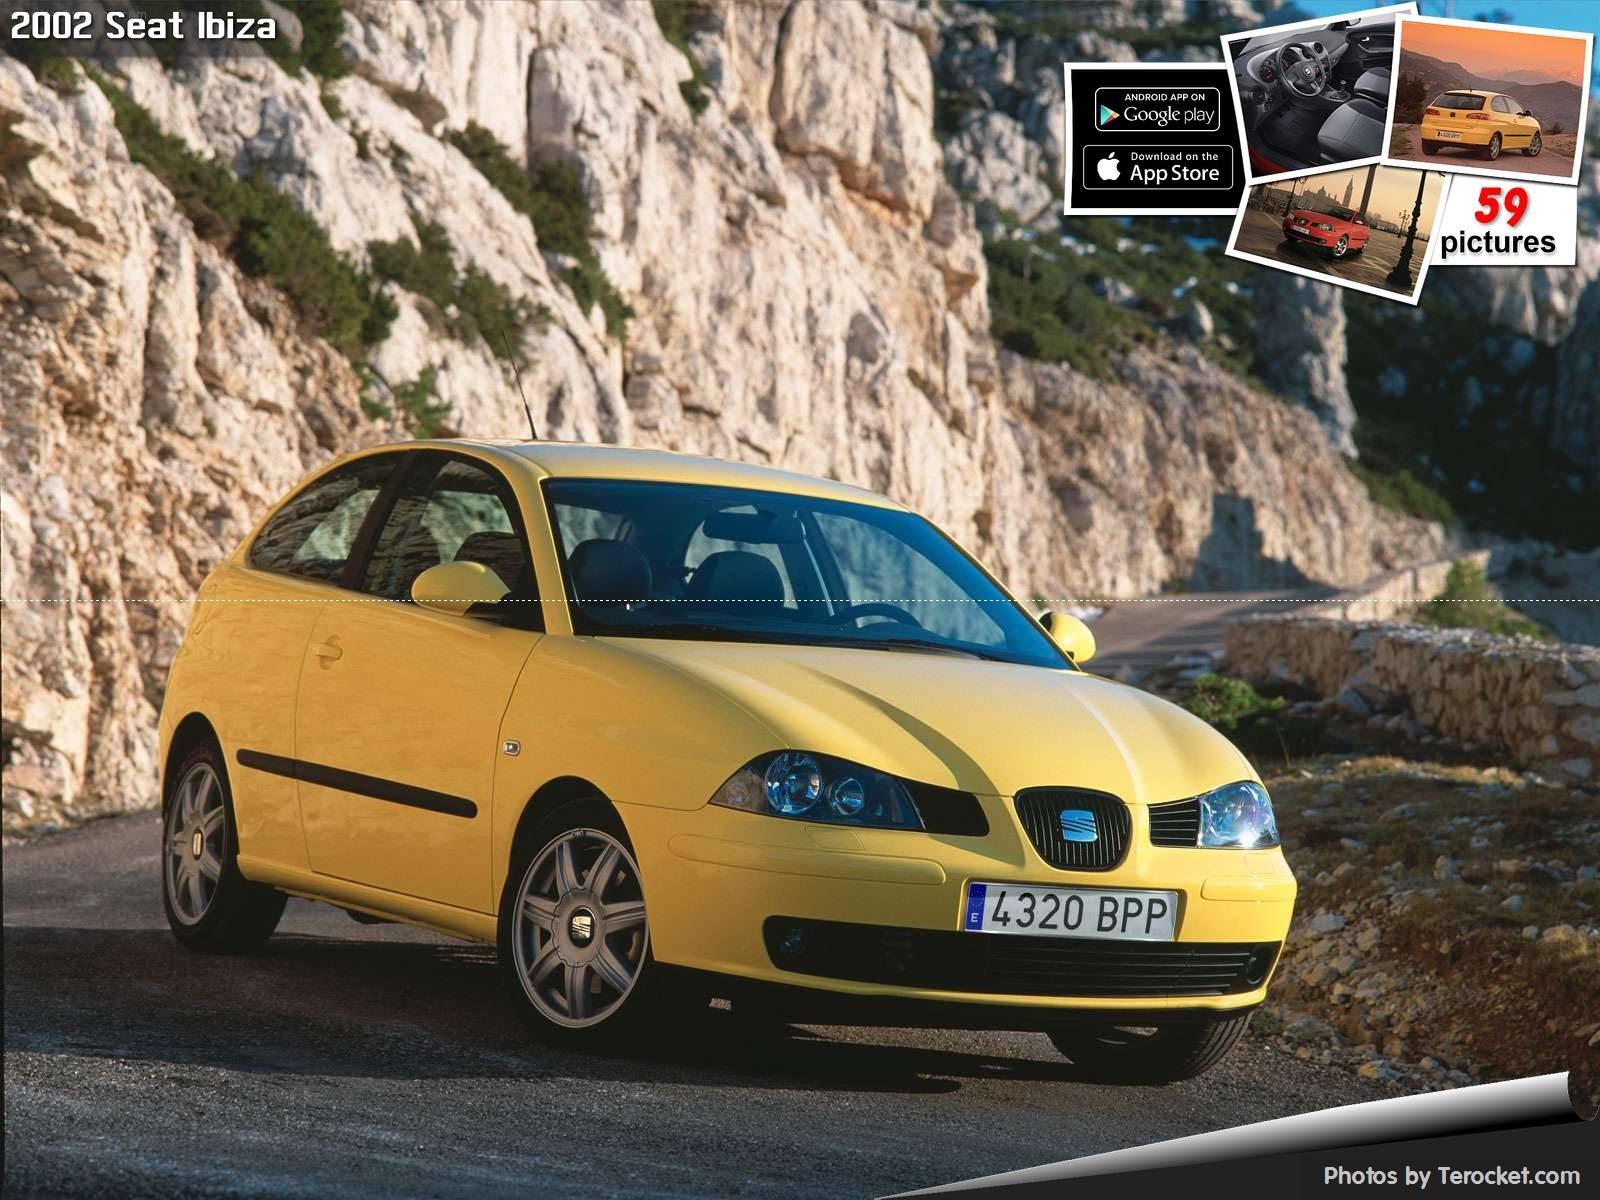 Hình ảnh xe ô tô Seat Ibiza 2002 & nội ngoại thất